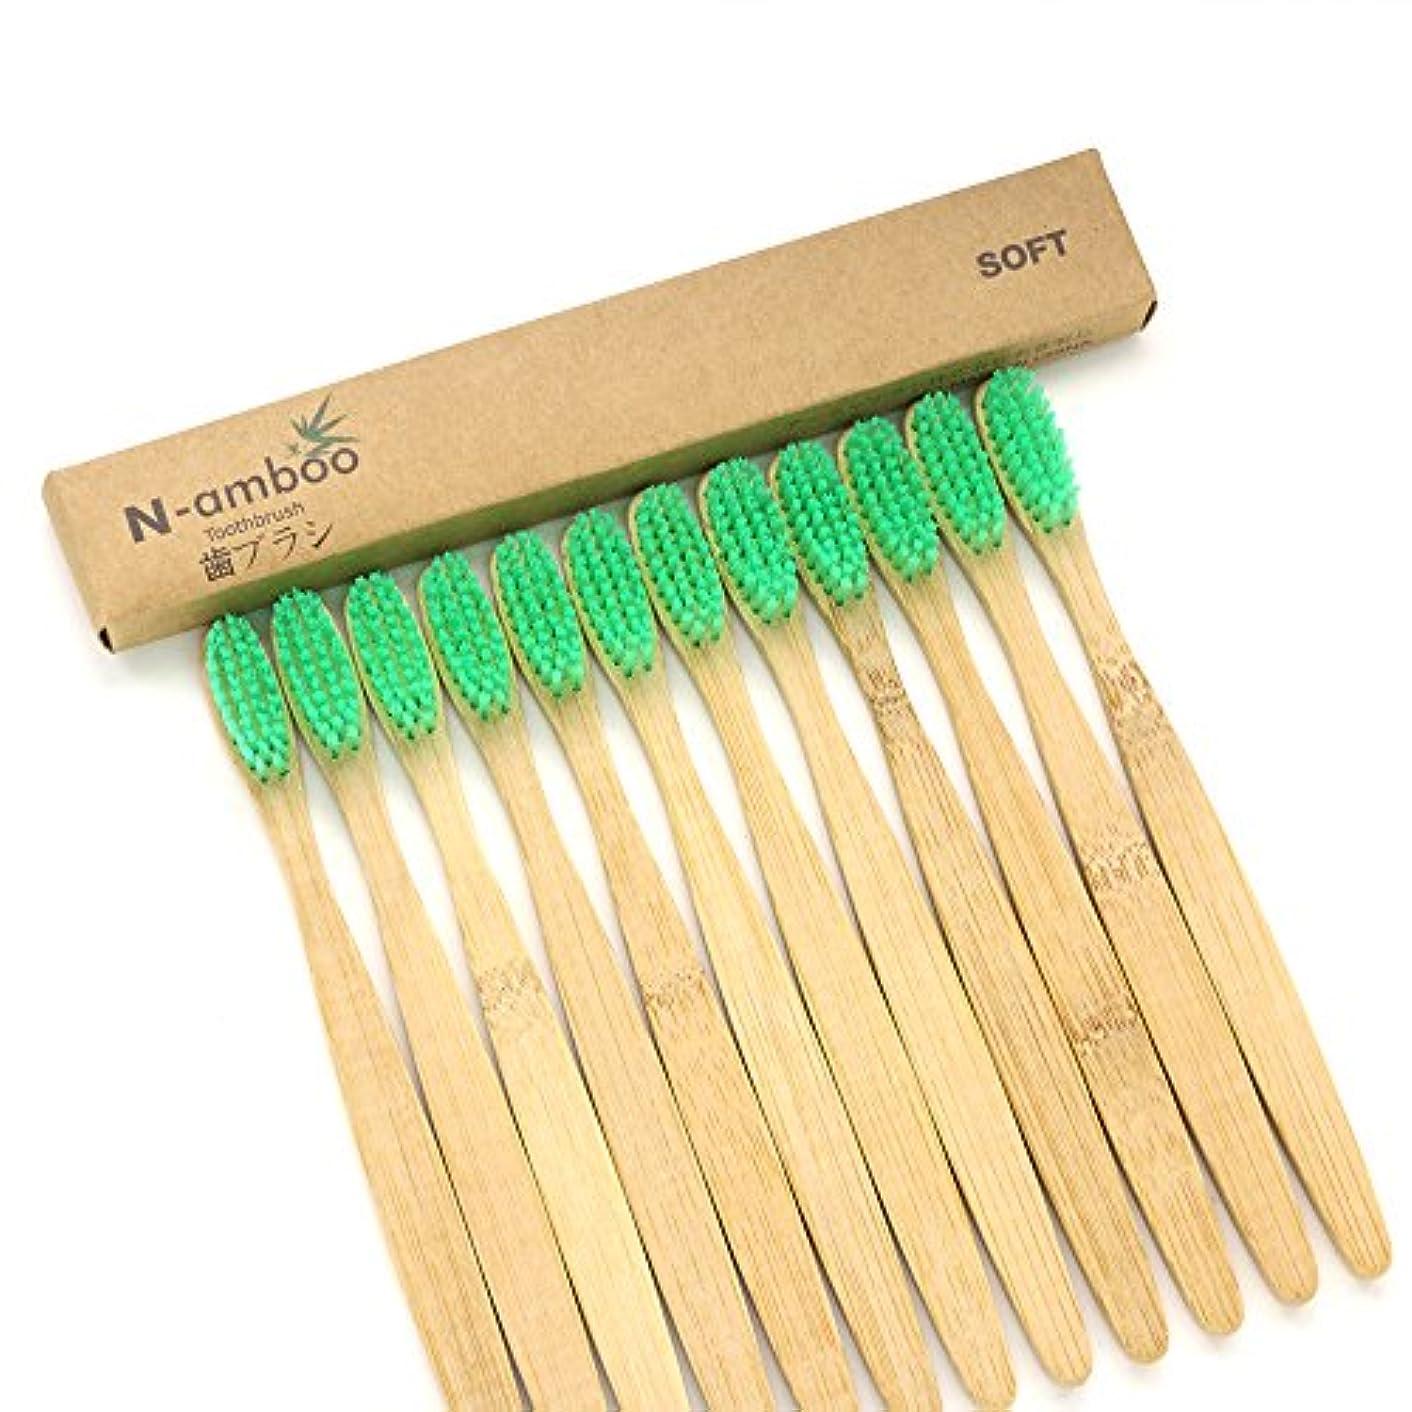 スポーツマン統治可能役に立つN-amboo 竹製 歯ブラシ 高耐久性 セット エコ 軽量 12本入り 緑 セット